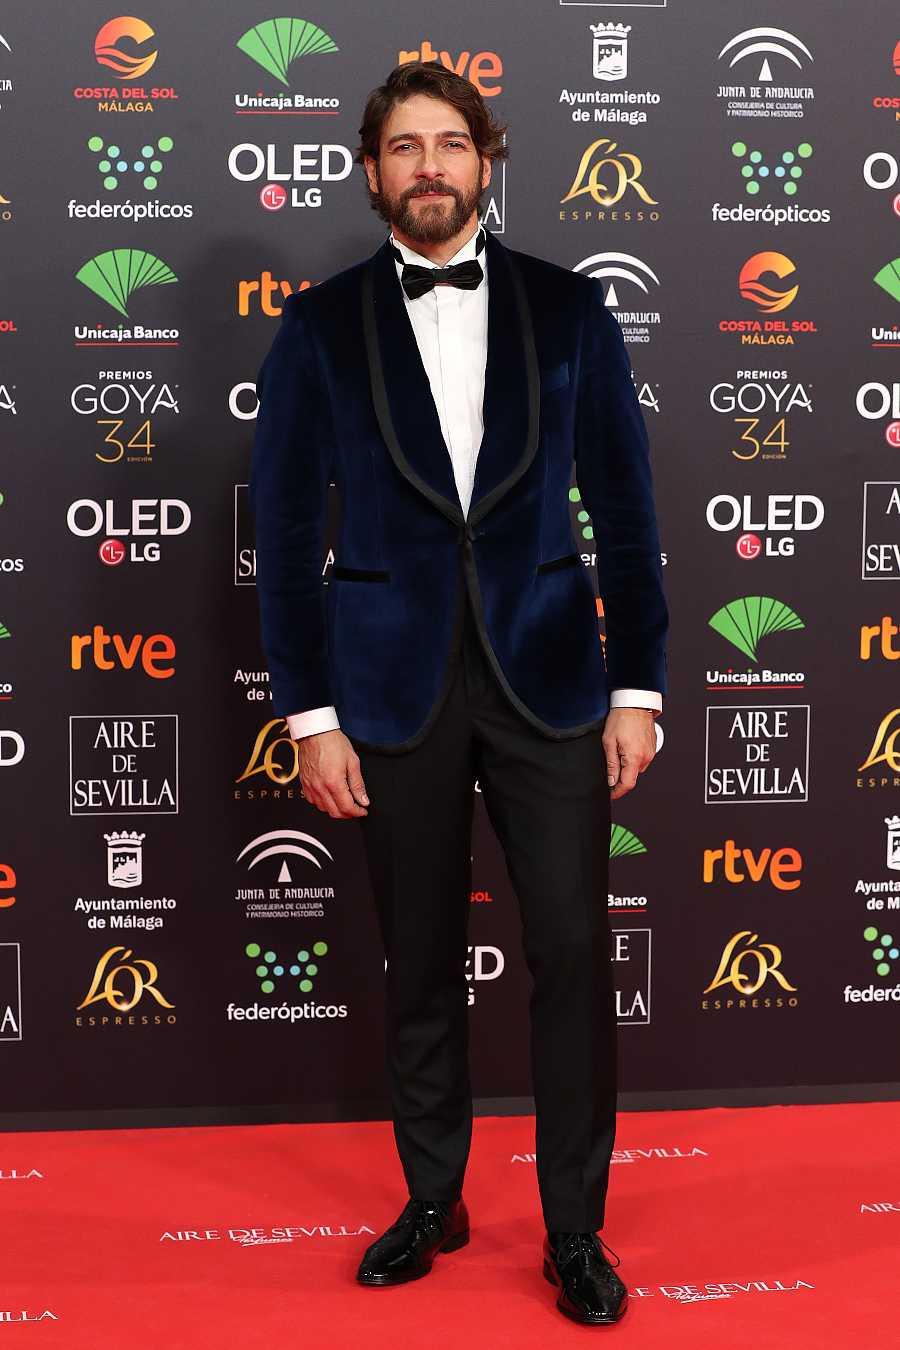 Félix Gómez en los Premios Goya 2020